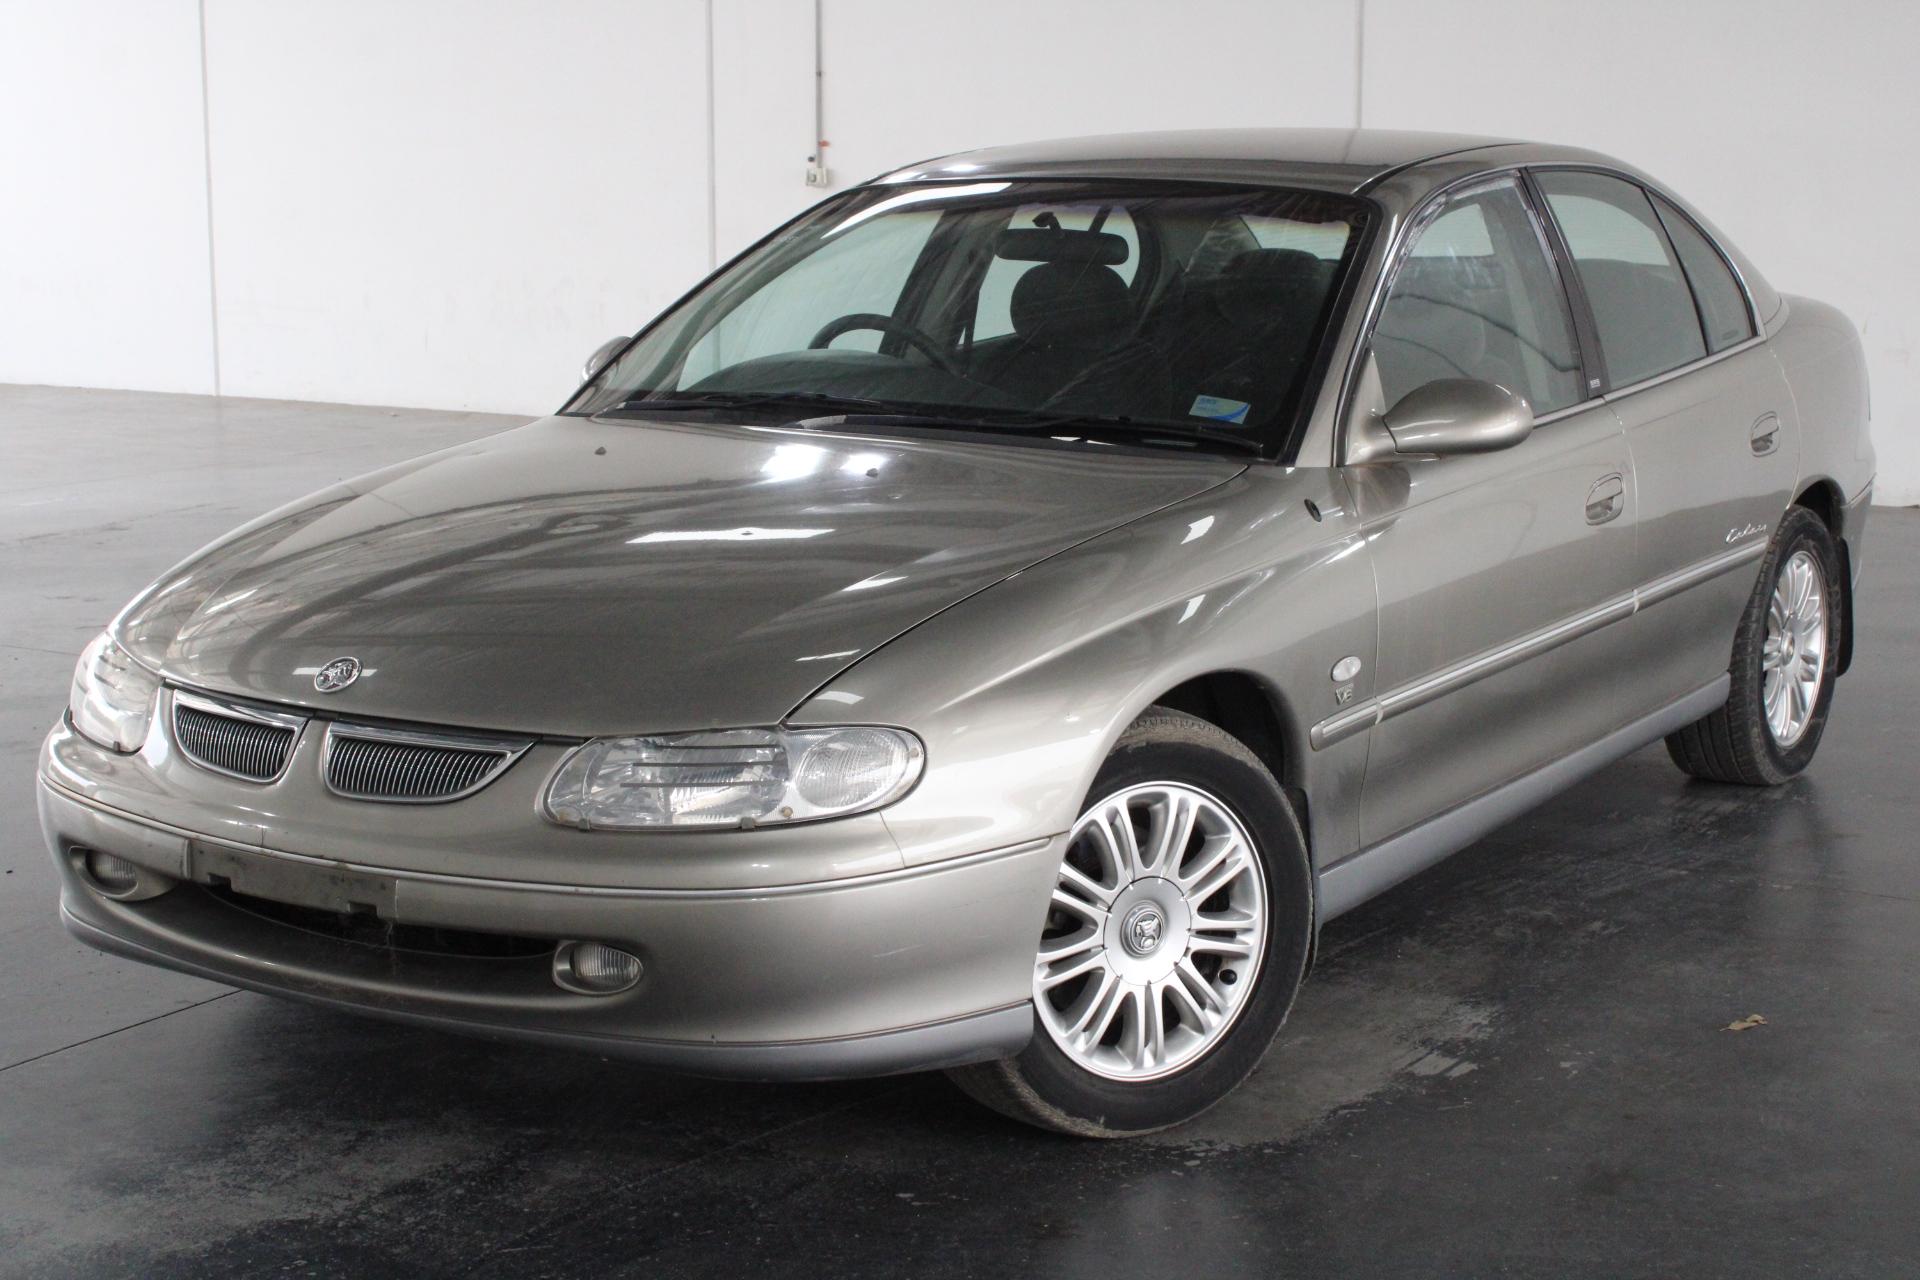 2000 Holden Calais VT Automatic Sedan